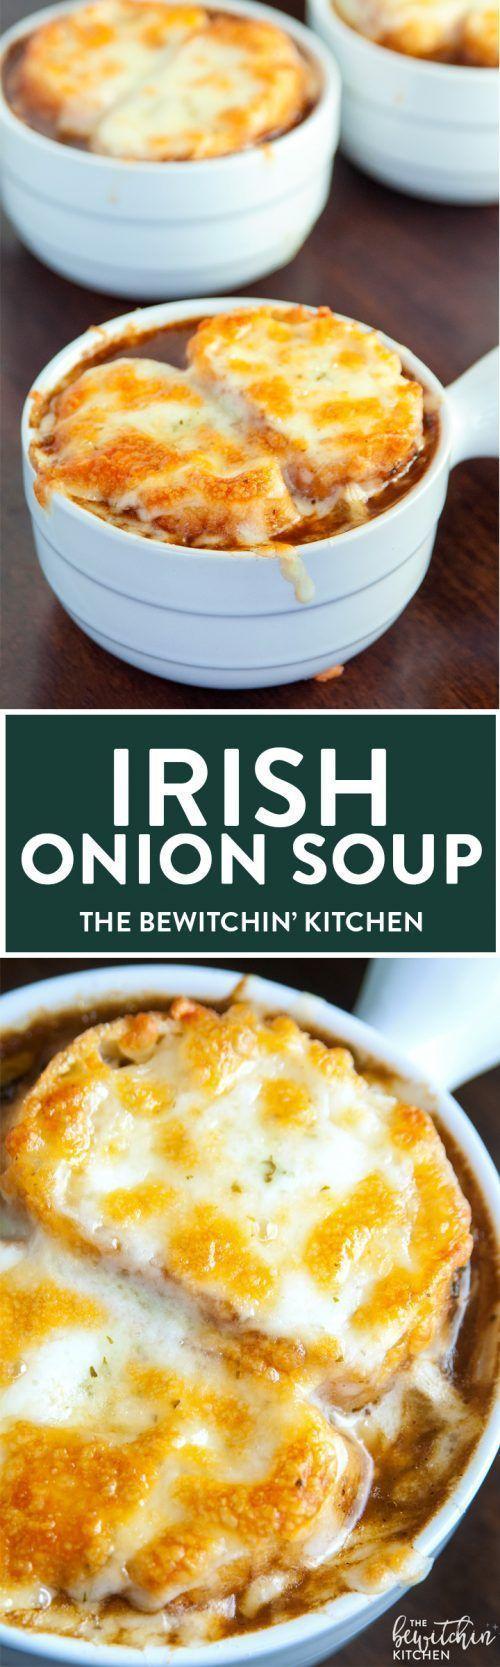 Photo of Irish Onion Soup | The Bewitchin' Kitchen